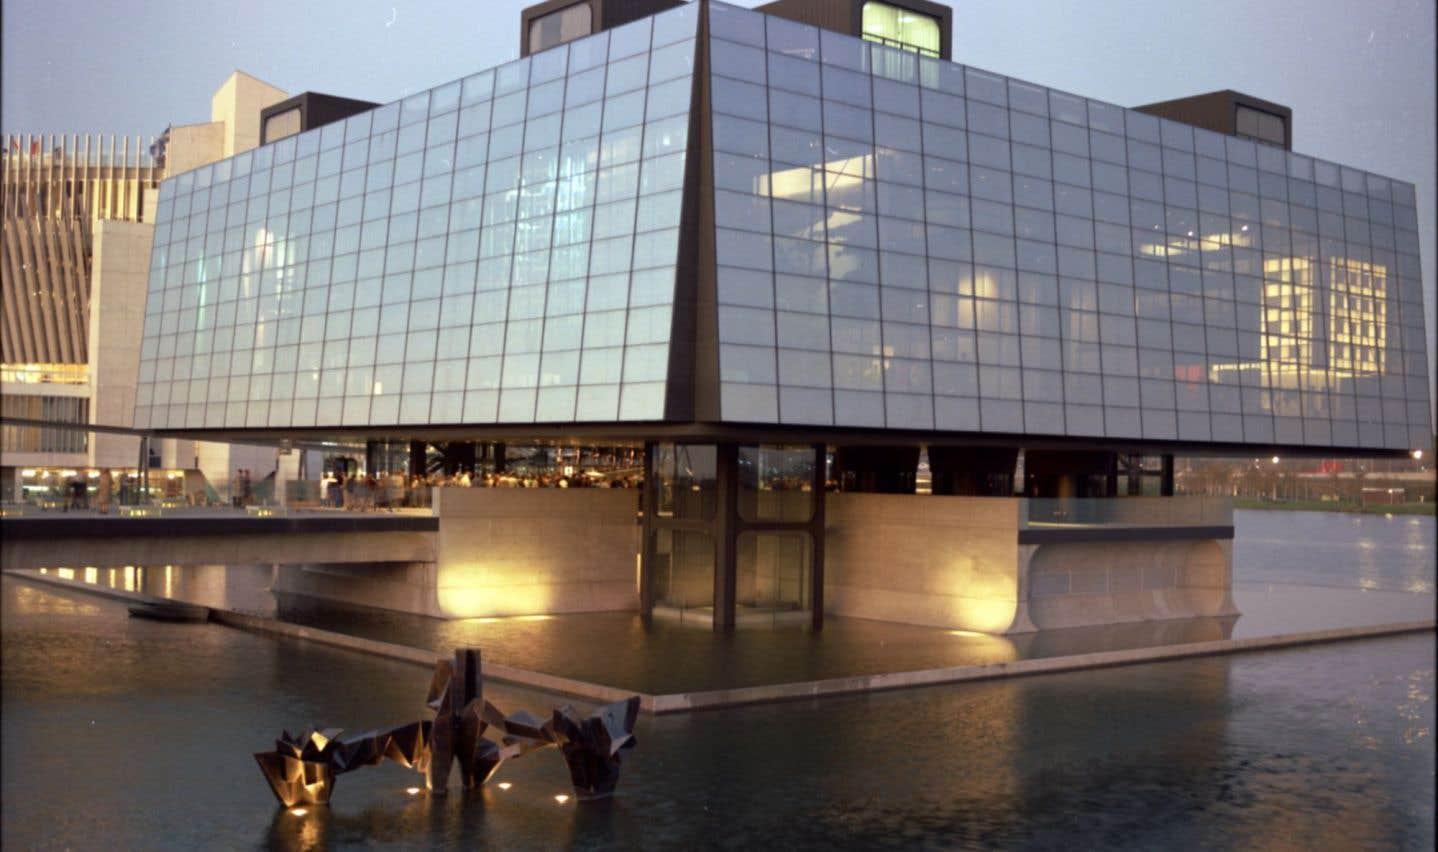 Ode à la modernité et au progrès technologique, l'architecture et le contenu du pavillon du Québec, tout de verre et d'acier, a suscité des réactions très partagées.